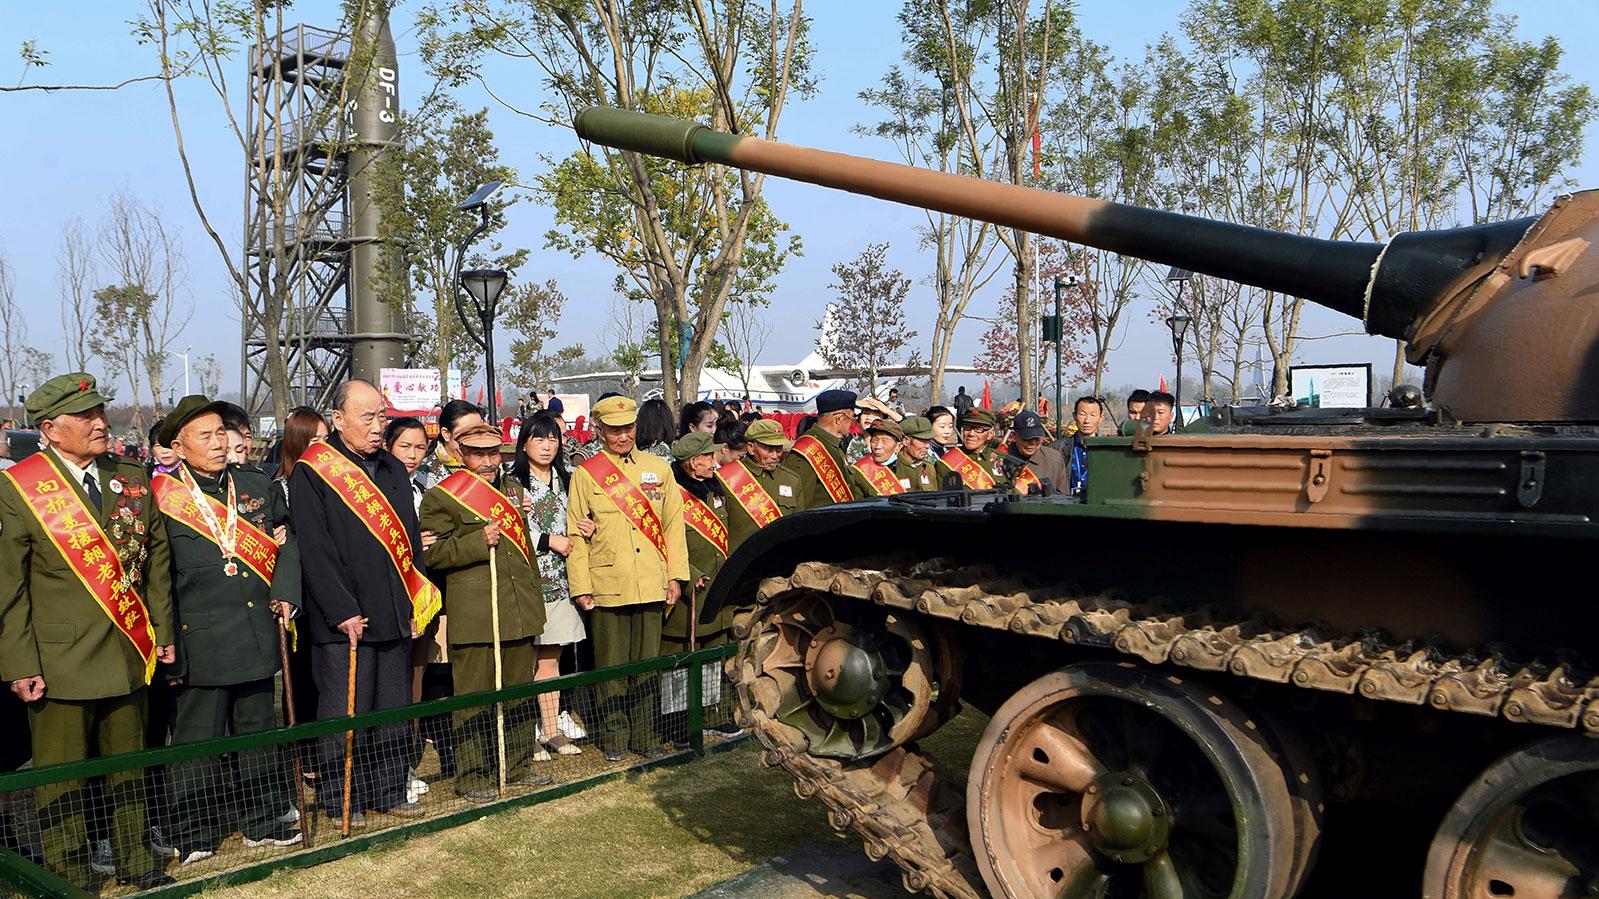 图为,2020年10月19日,一群参加1950-53年朝鲜战争的中国退伍军人,在安徽省亳州市的国防教育基地举行纪念朝鲜战争70周年活动。(法新社)